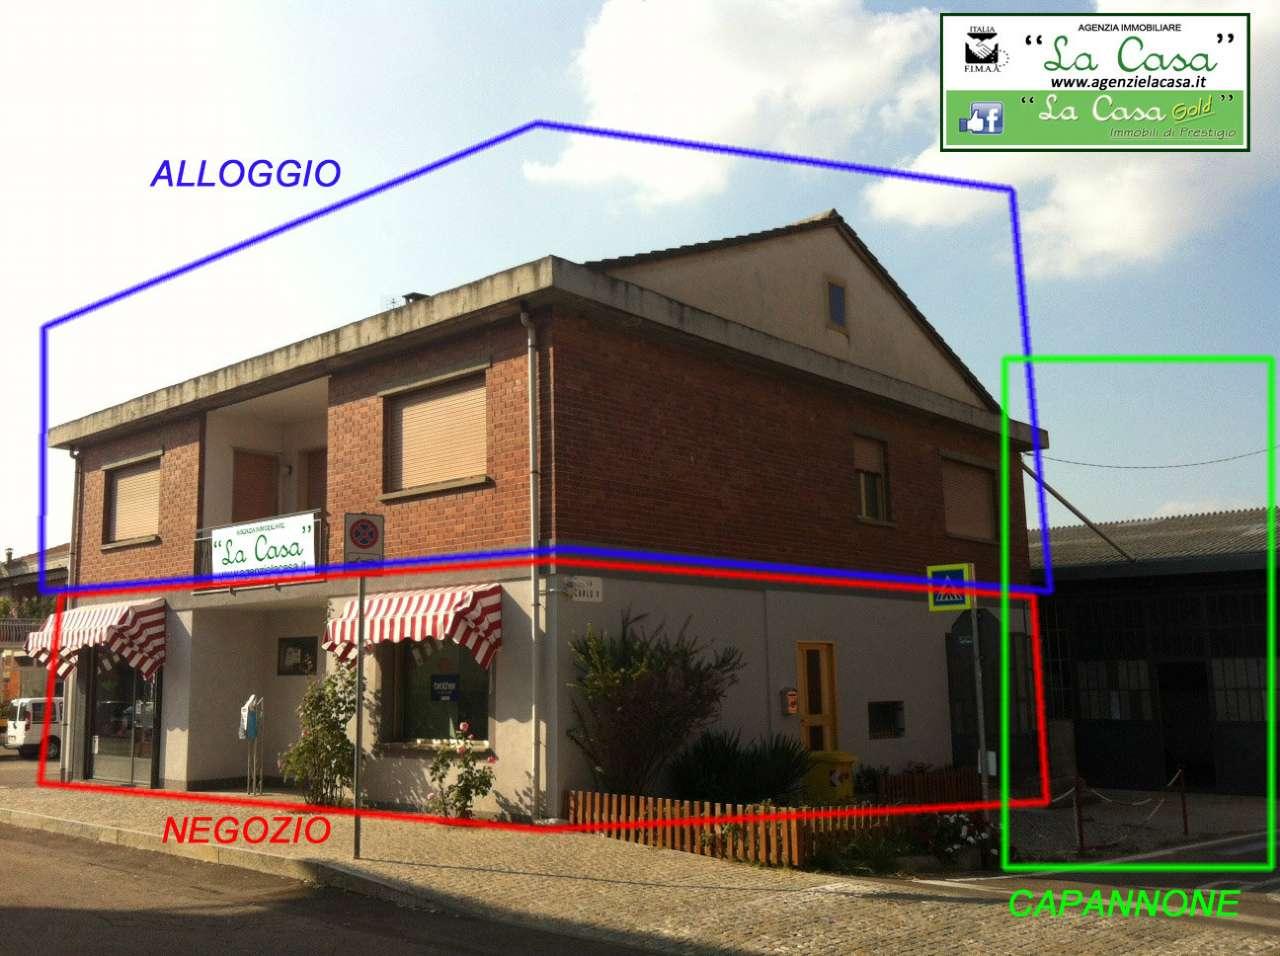 Immobile Commerciale in vendita a Villanova d'Asti, 9999 locali, prezzo € 450.000 | CambioCasa.it